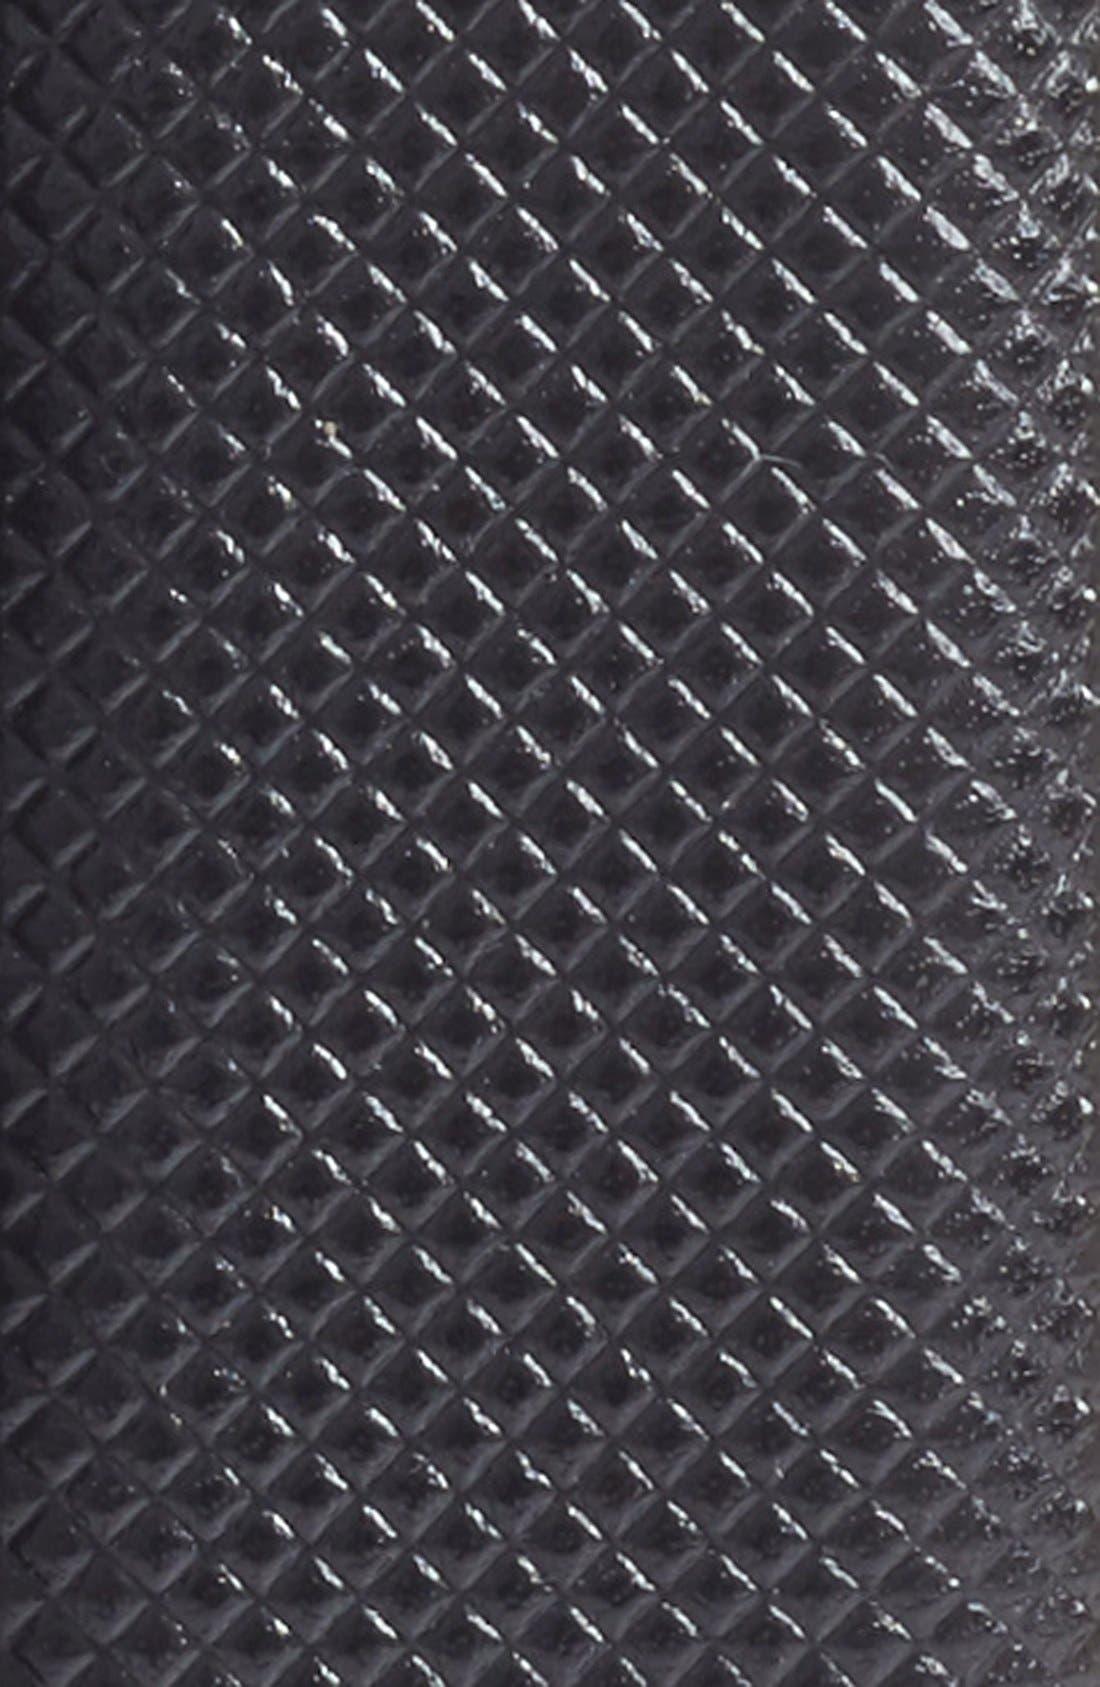 TORINO, Bulgaro Calfskin Leather Belt, Alternate thumbnail 2, color, BLACK